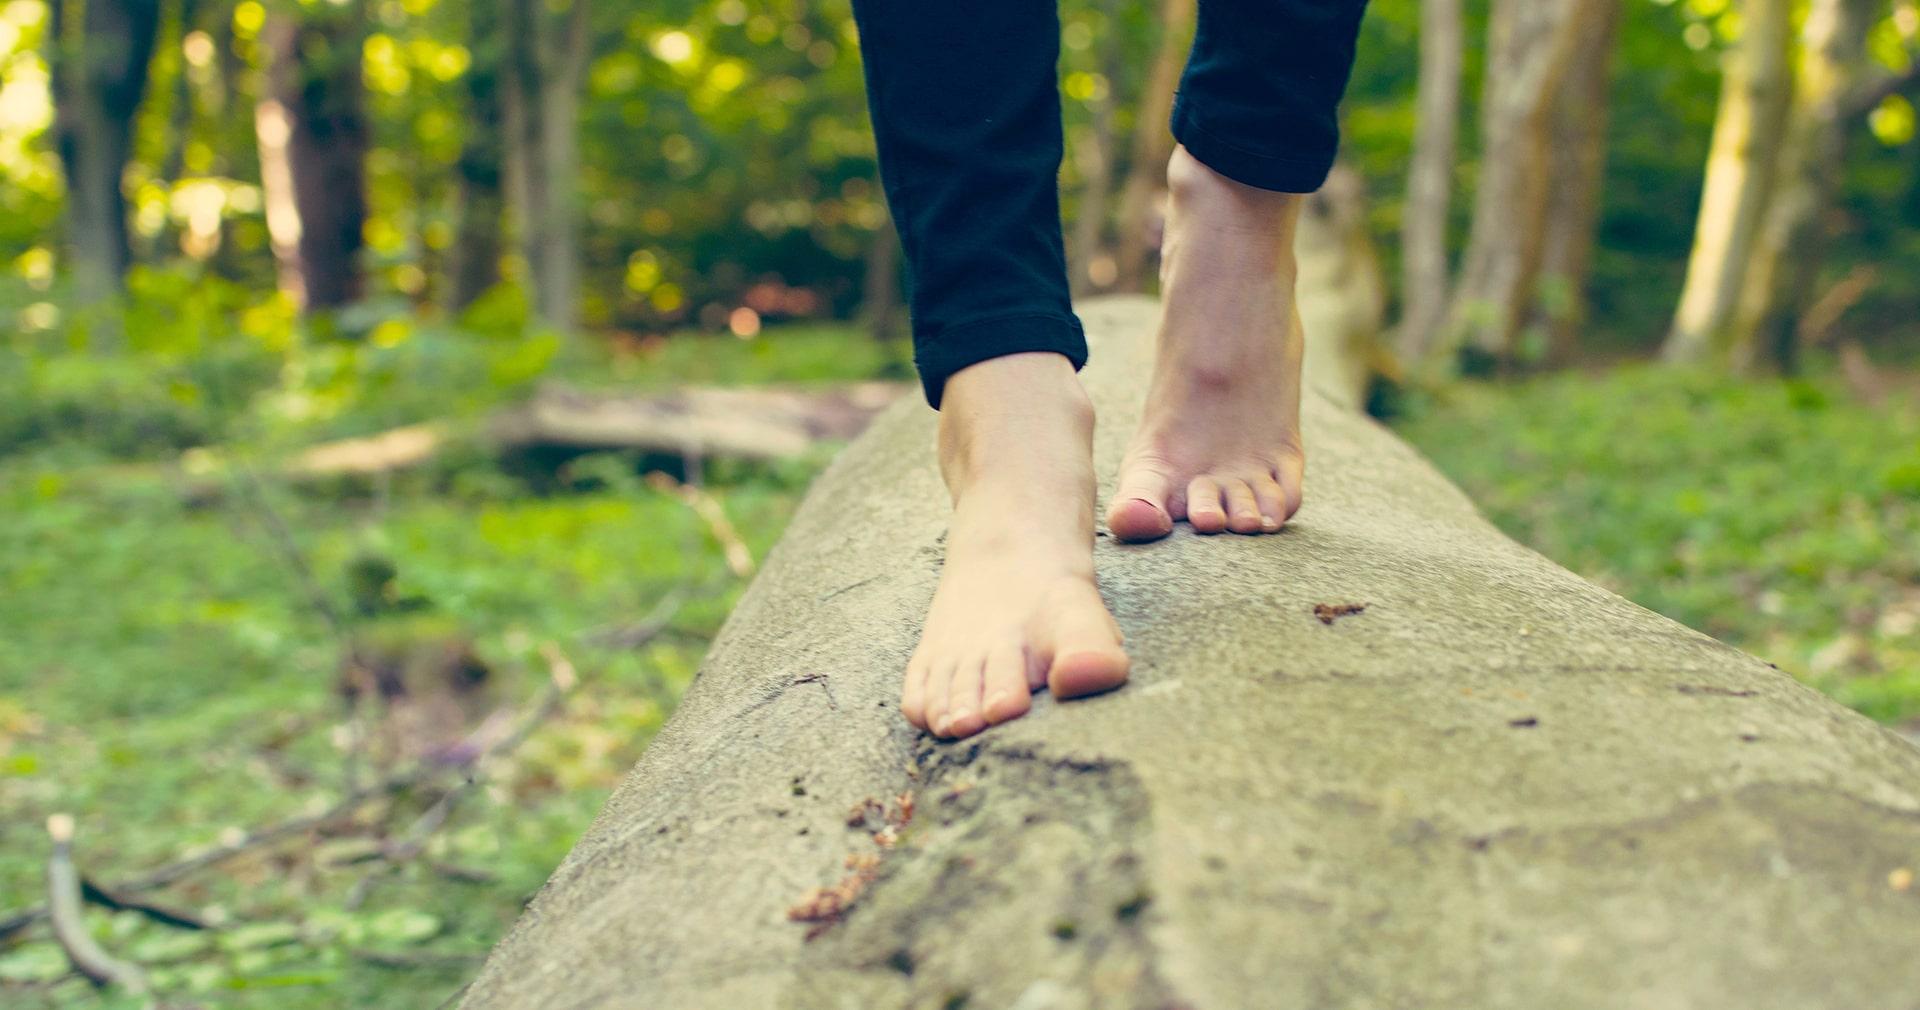 piedi_nudi_bosco_1_-min